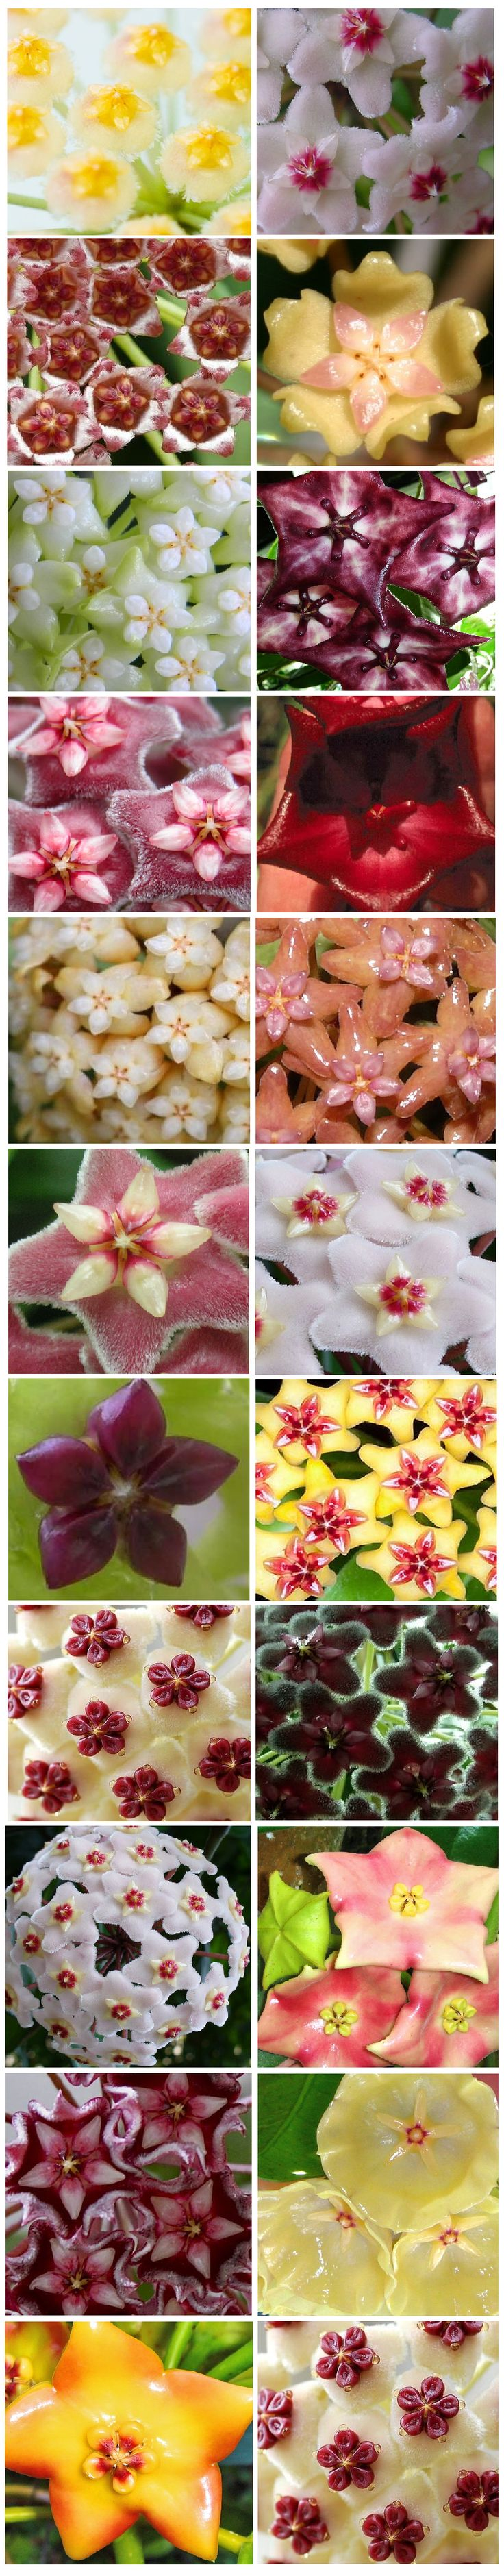 """een van de mooiste planten voor mij  ~~~~~~~~~~~~~~~~~~~~~~~~~~~~~~ Hoya, """"wax"""" plant. Diversity Collection"""